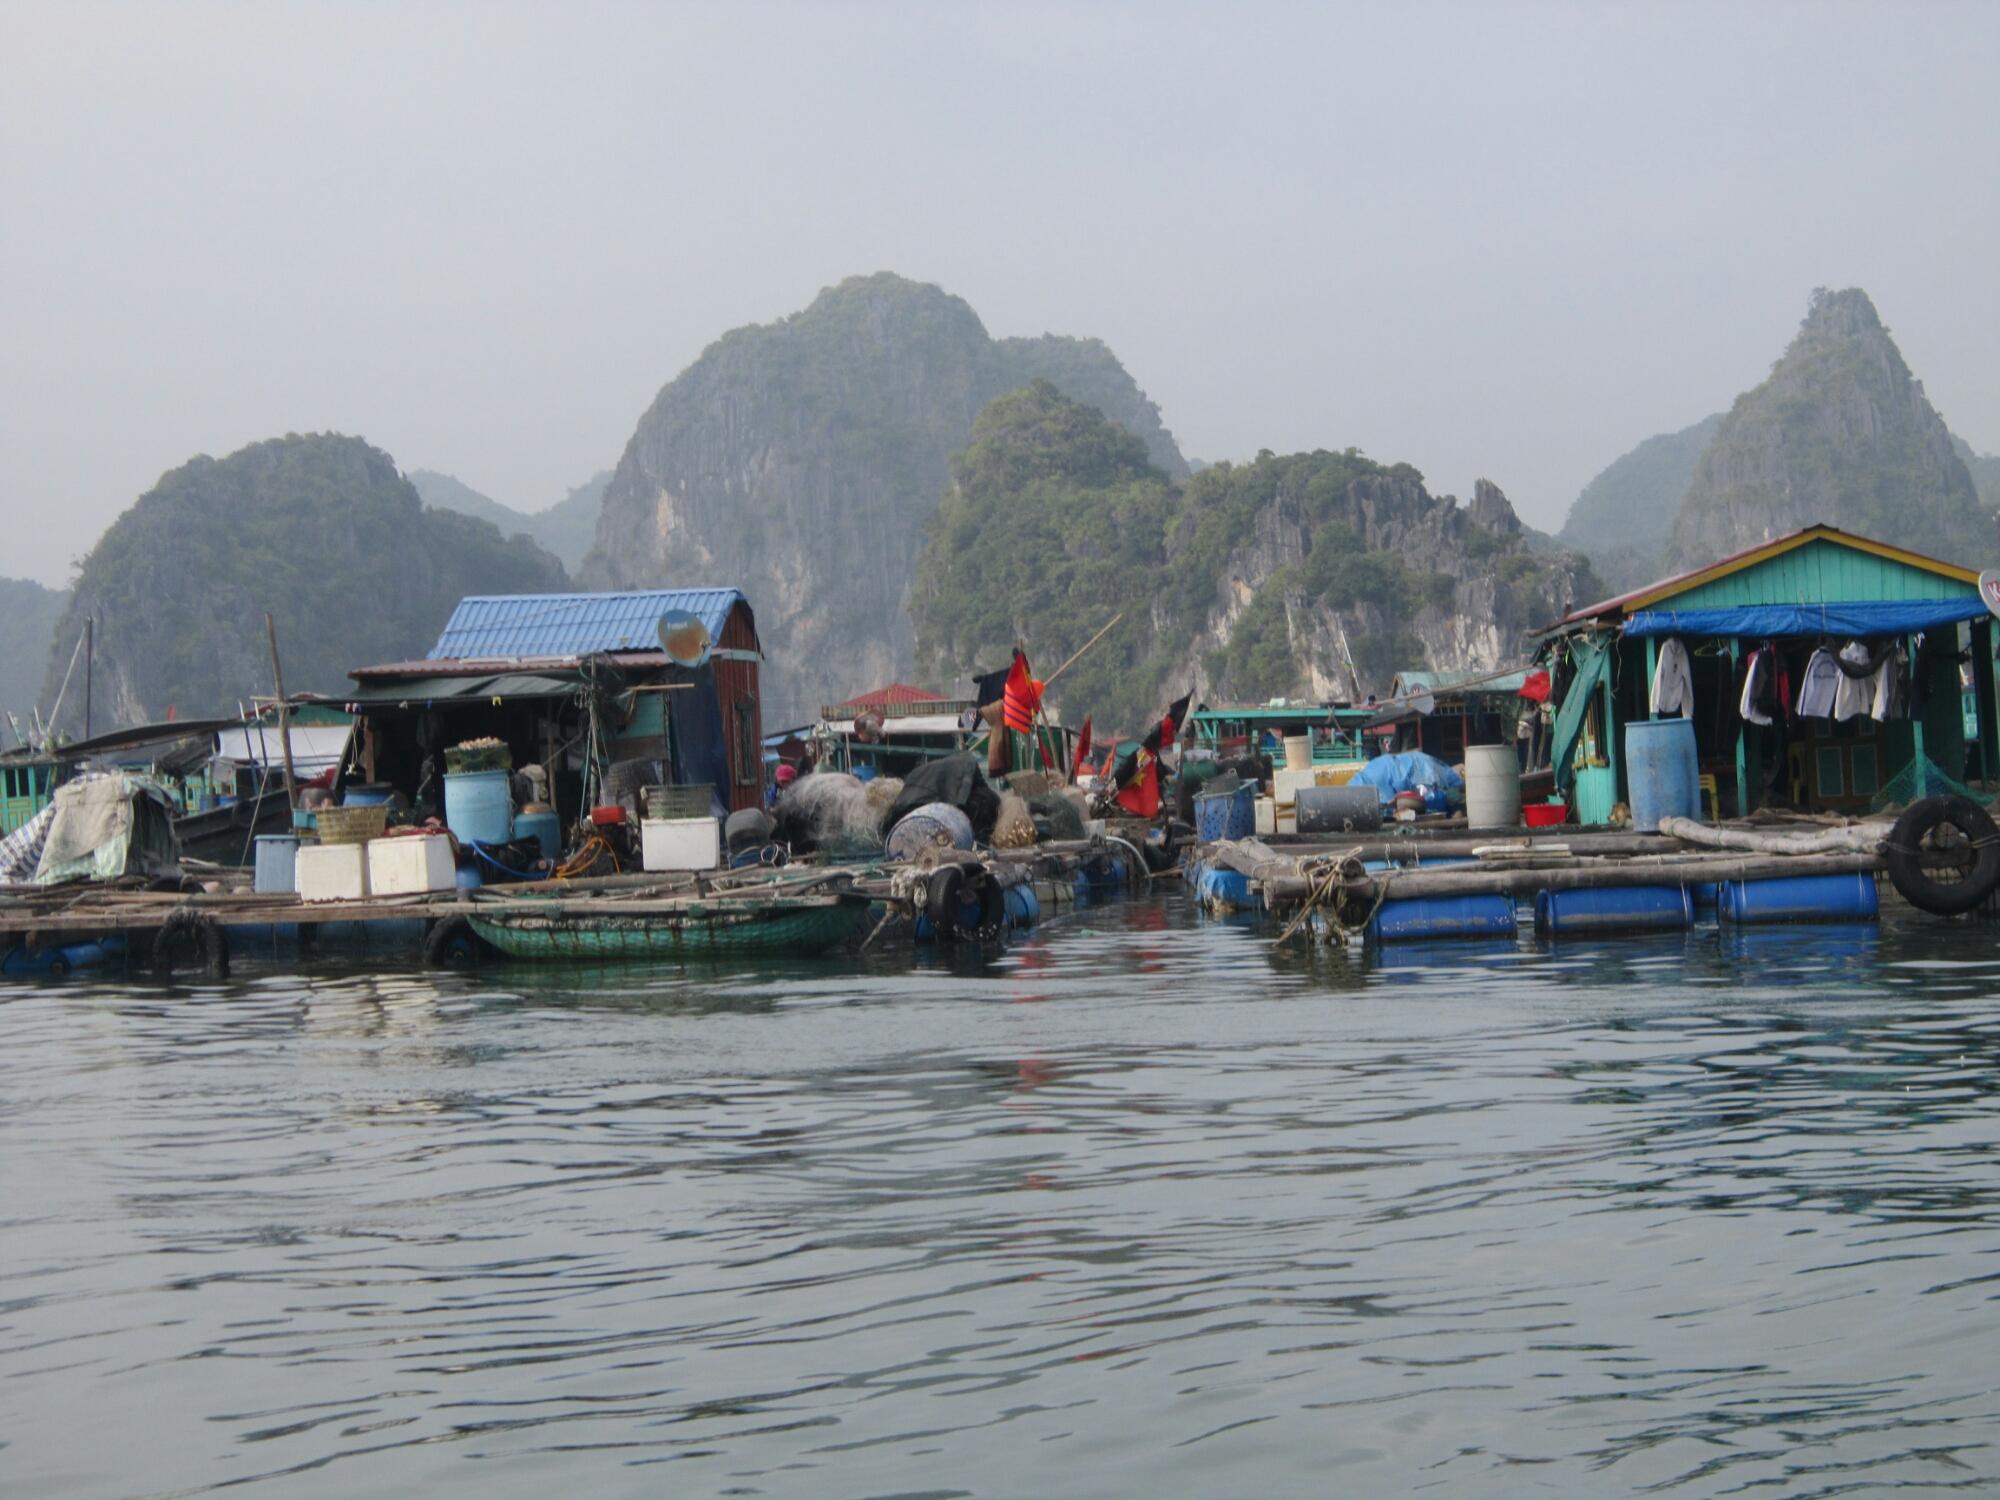 Dwellings on the waters of Lan Ha Bay, Vietnam